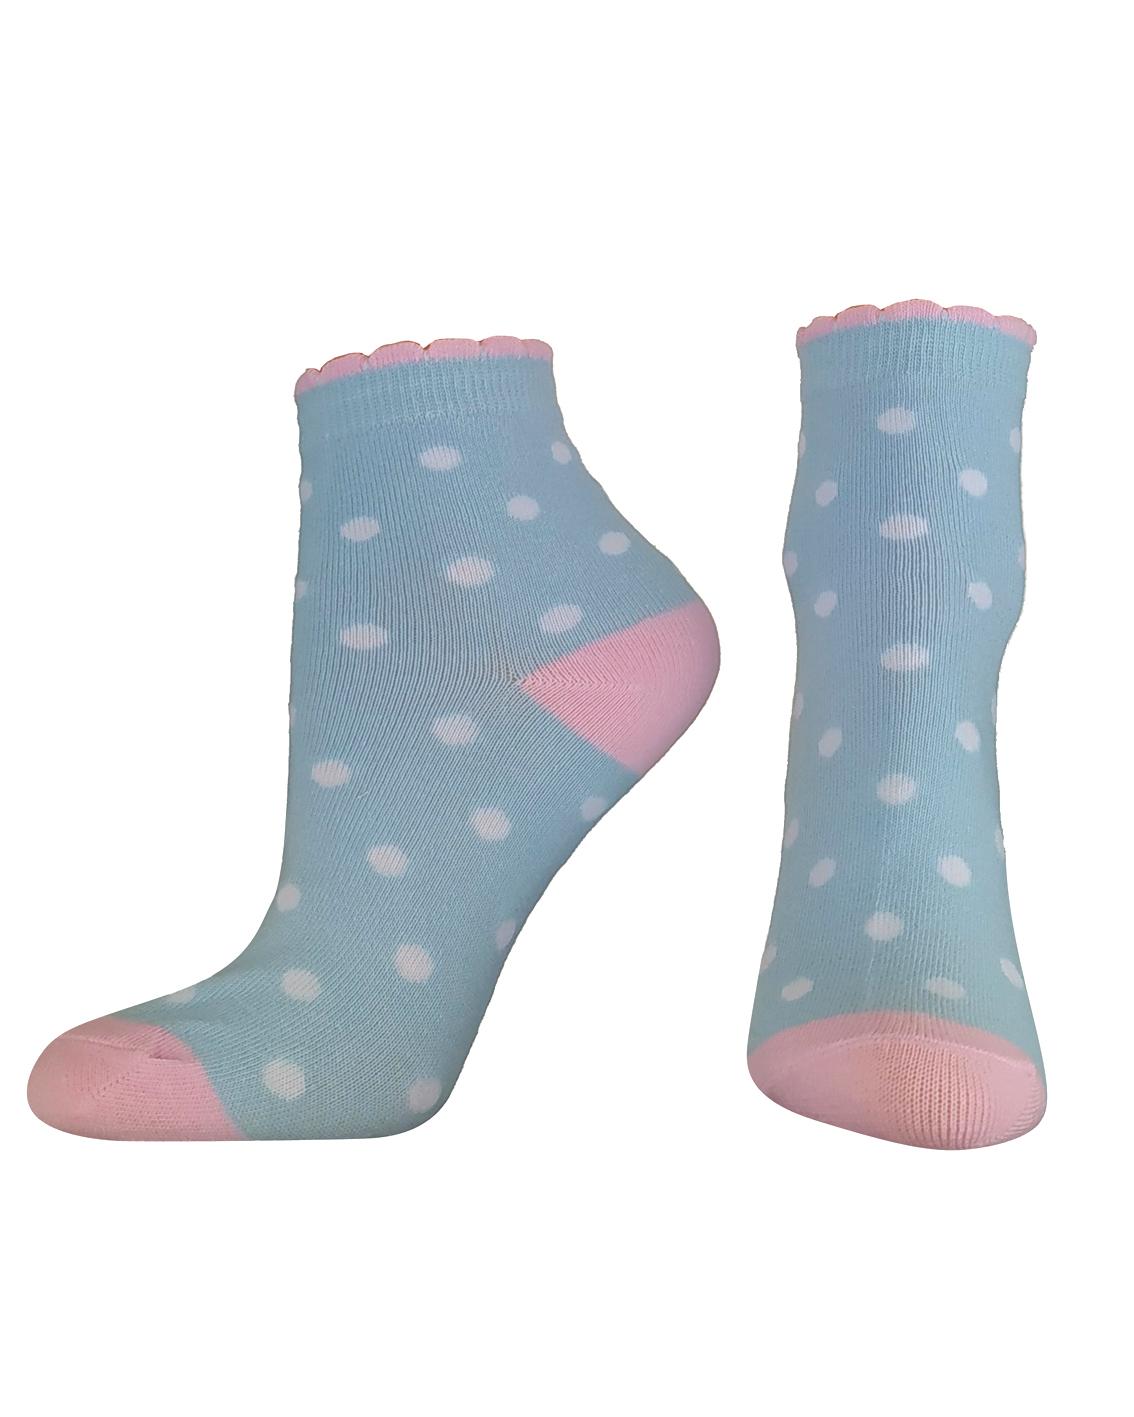 Wzorzyste dziecięce skarpetki wykonane z lekkiej tkaniny przepuszczającej powietrze dlatego w trakcie użytkowanie nóżka dziecka nie poci się. Skarpetki z bardzo dobrym składem powodują wysoki komfort noszenia zdobione w kropeczki białe